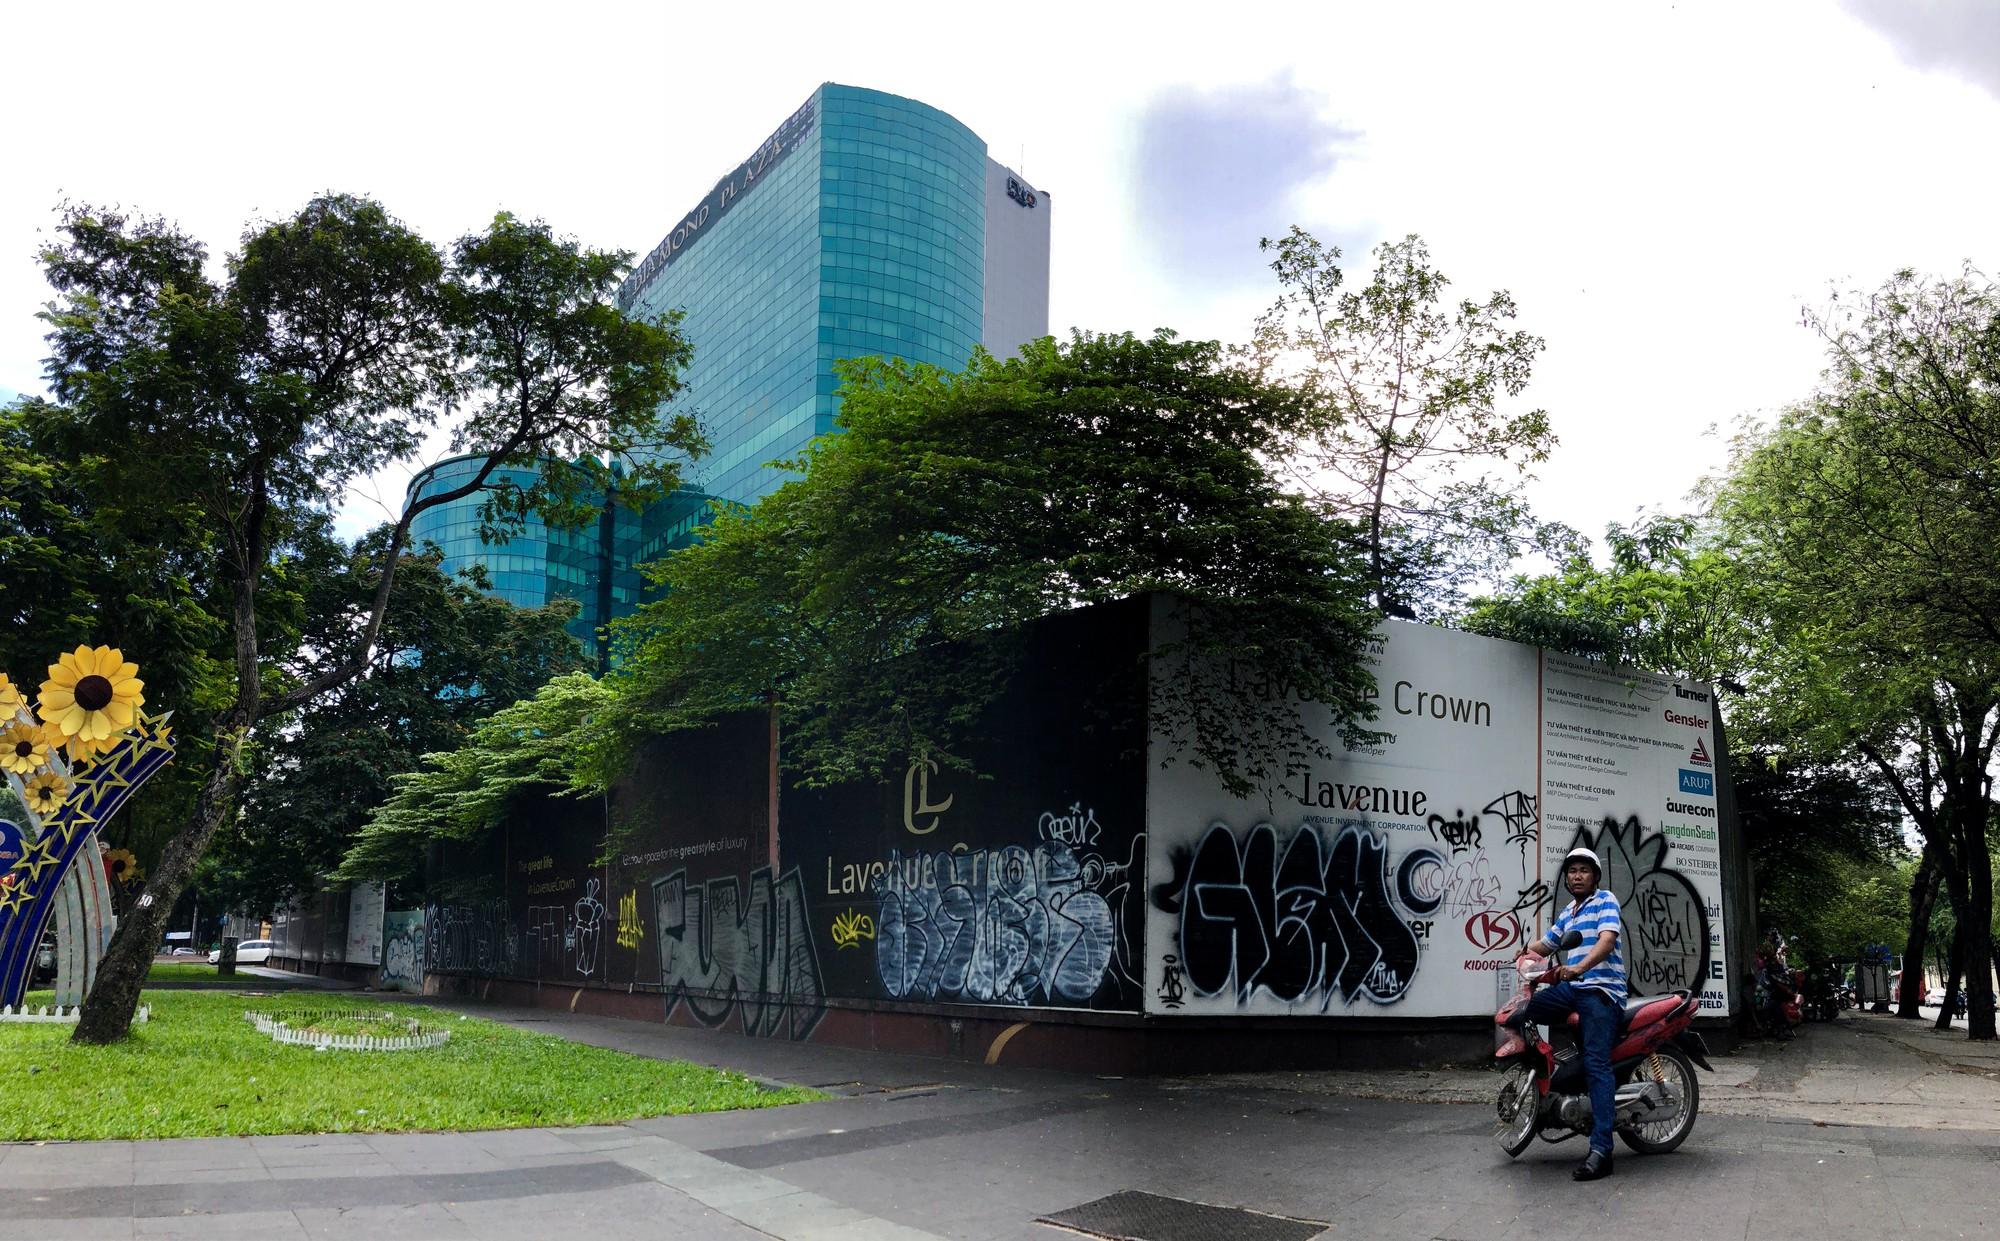 Cận cảnh khu đất vàng 5.000 m2 giữa Sài Gòn được cựu phó chủ tịch Nguyễn Thành Tài cho thuê giá rẻ - Ảnh 1.